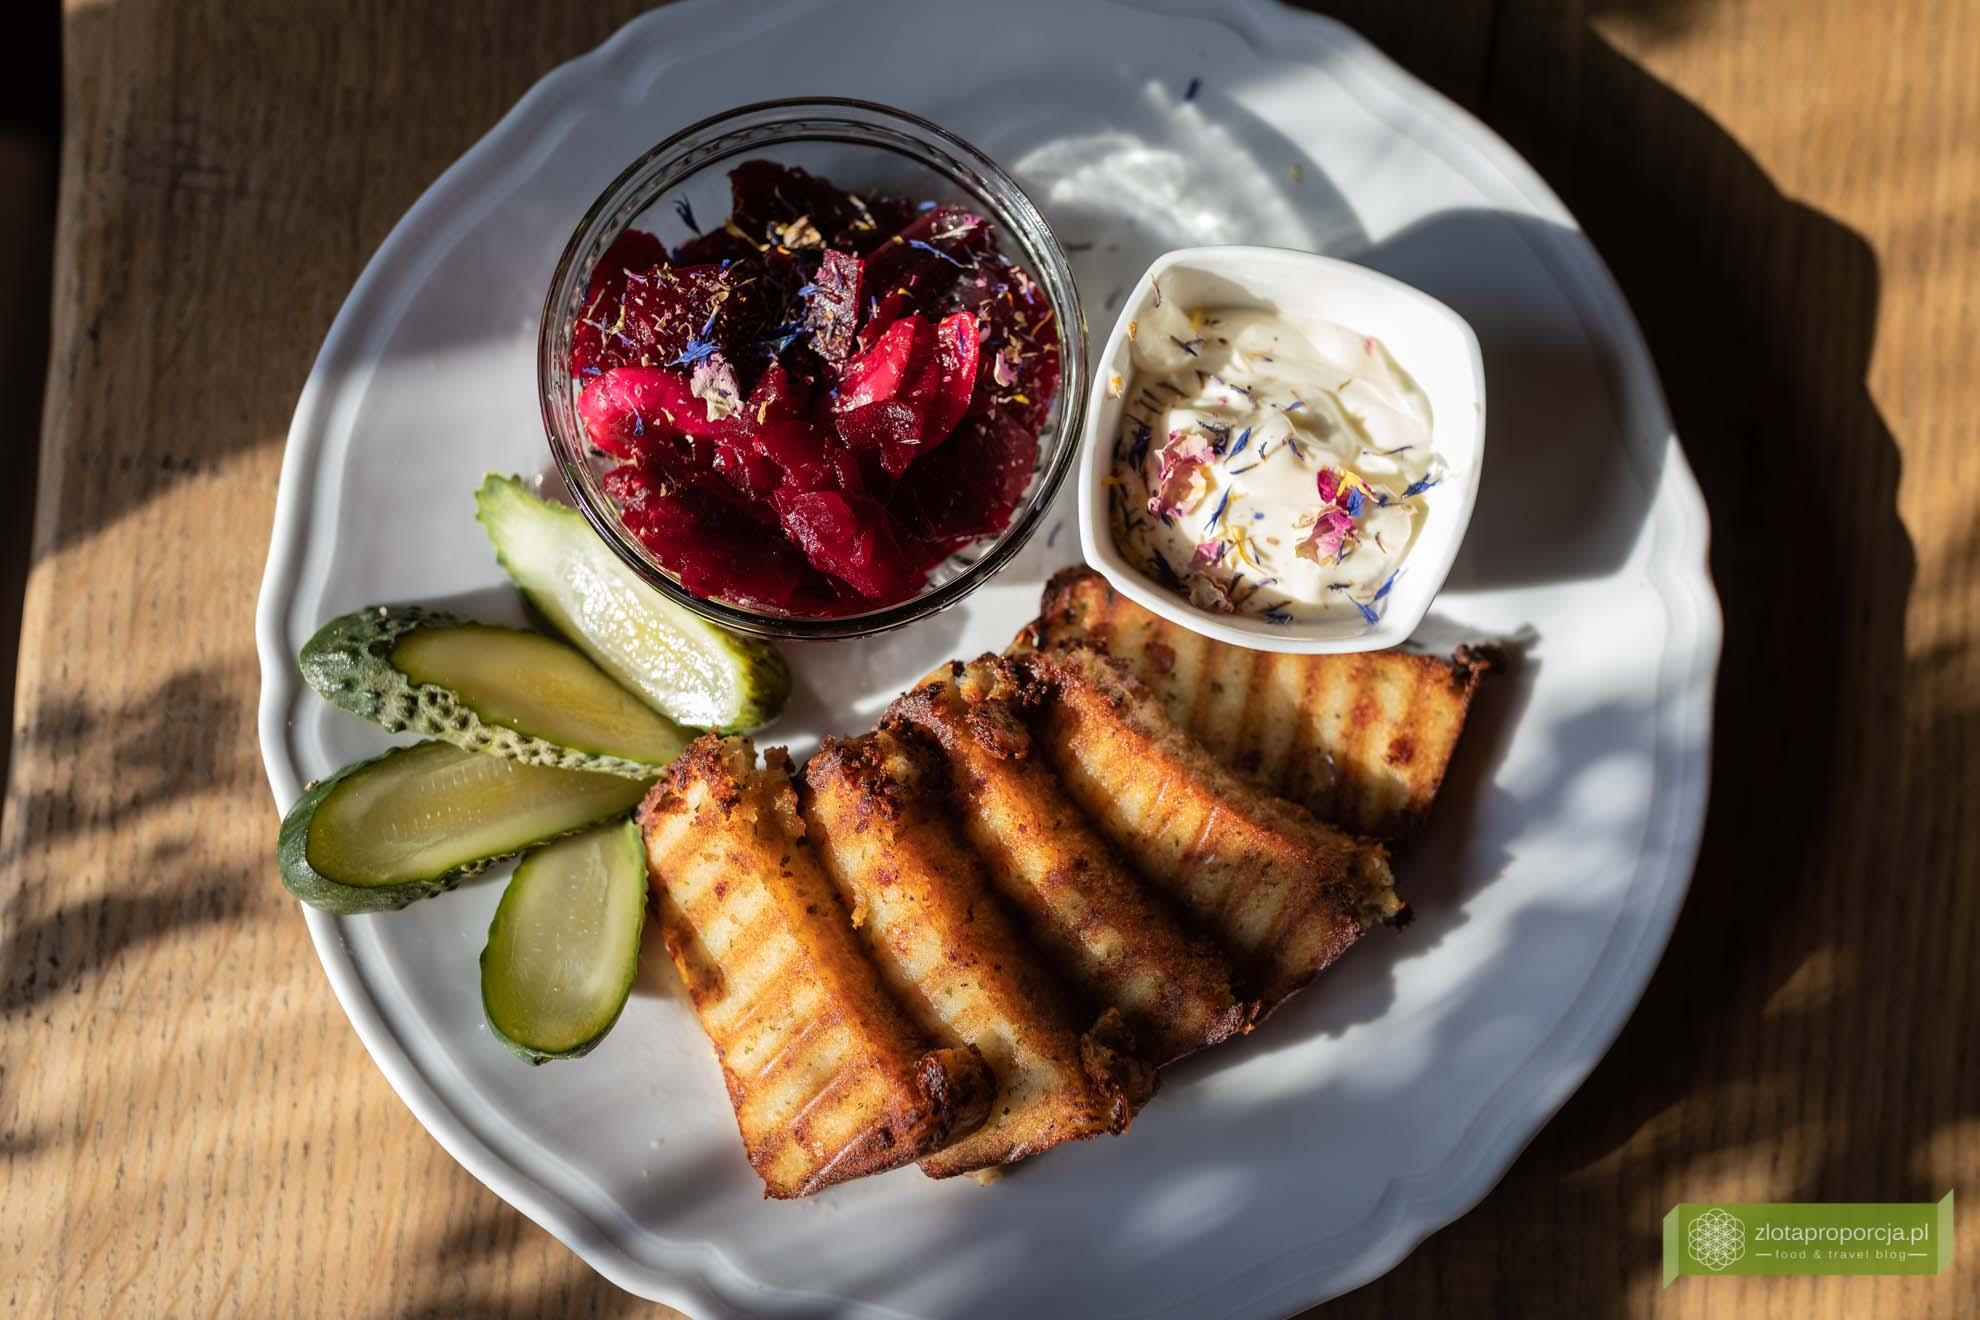 Kuchnia Dobromil; Podlasie; gdzie zjeść na Podlasiu; kuchnia Podlasia; kuchnia podlaska; Bielsk Podlaski; babka ziemniaczana